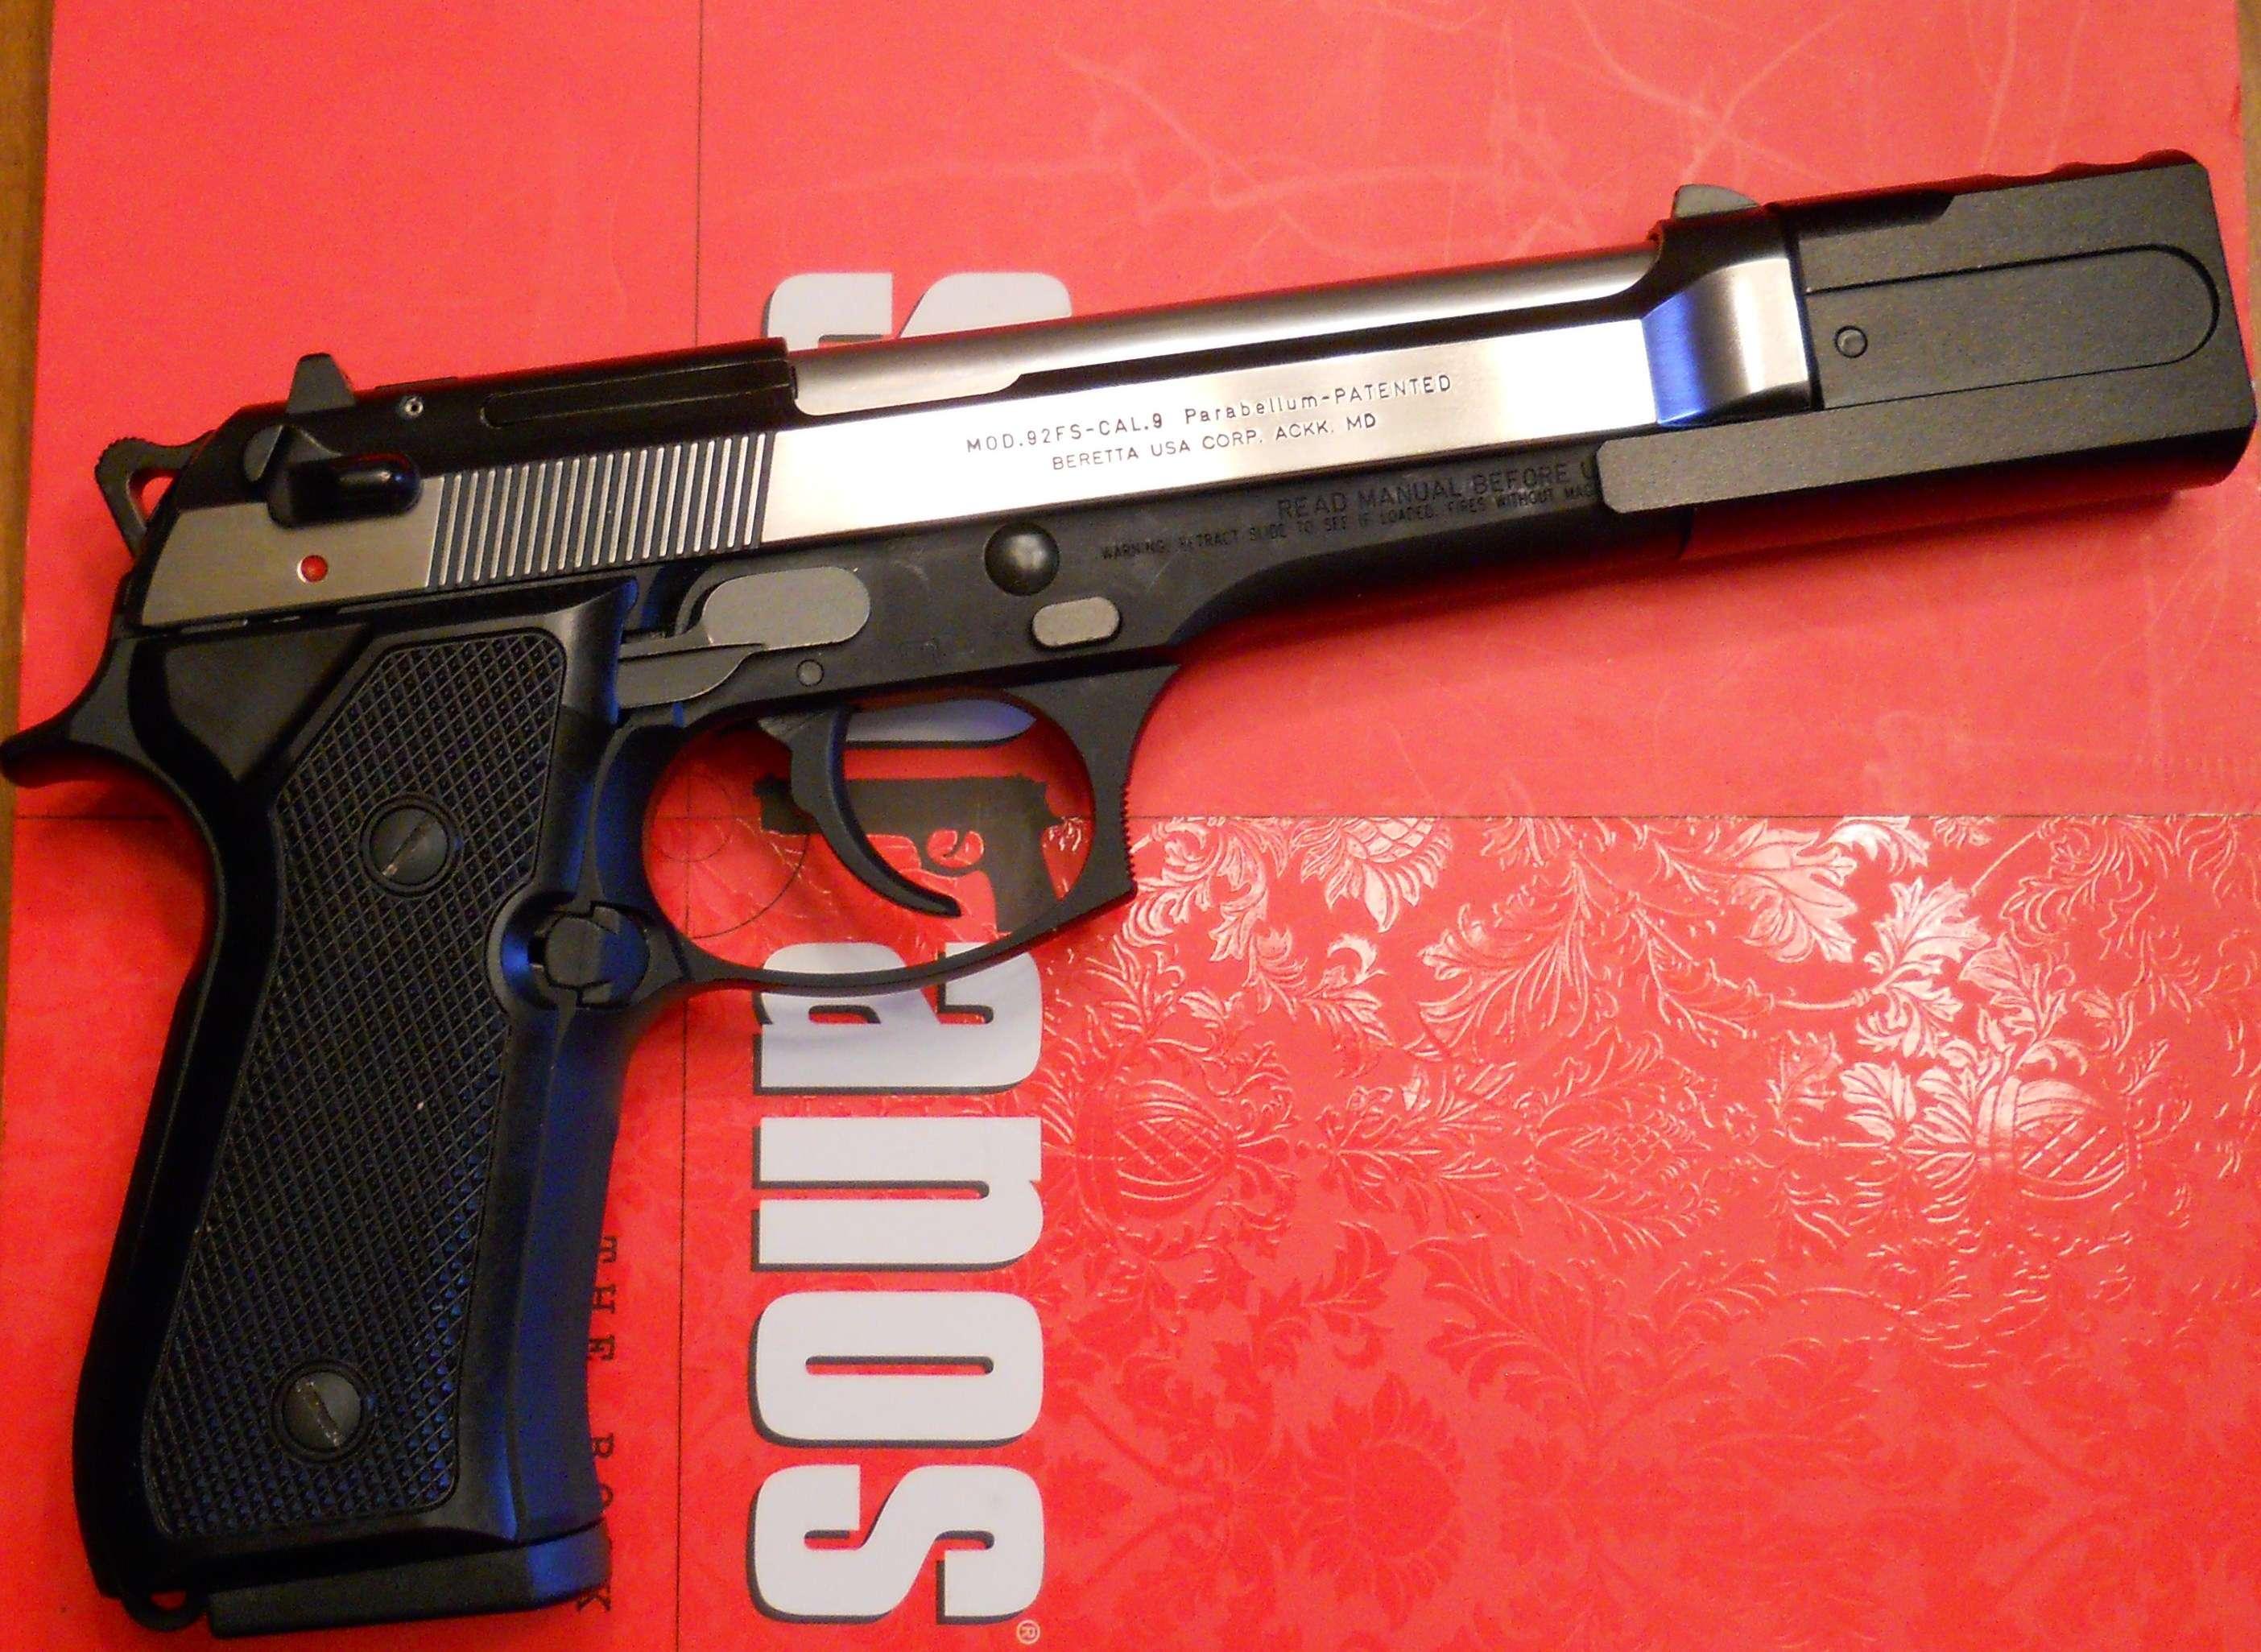 My Beretta 92FS Project